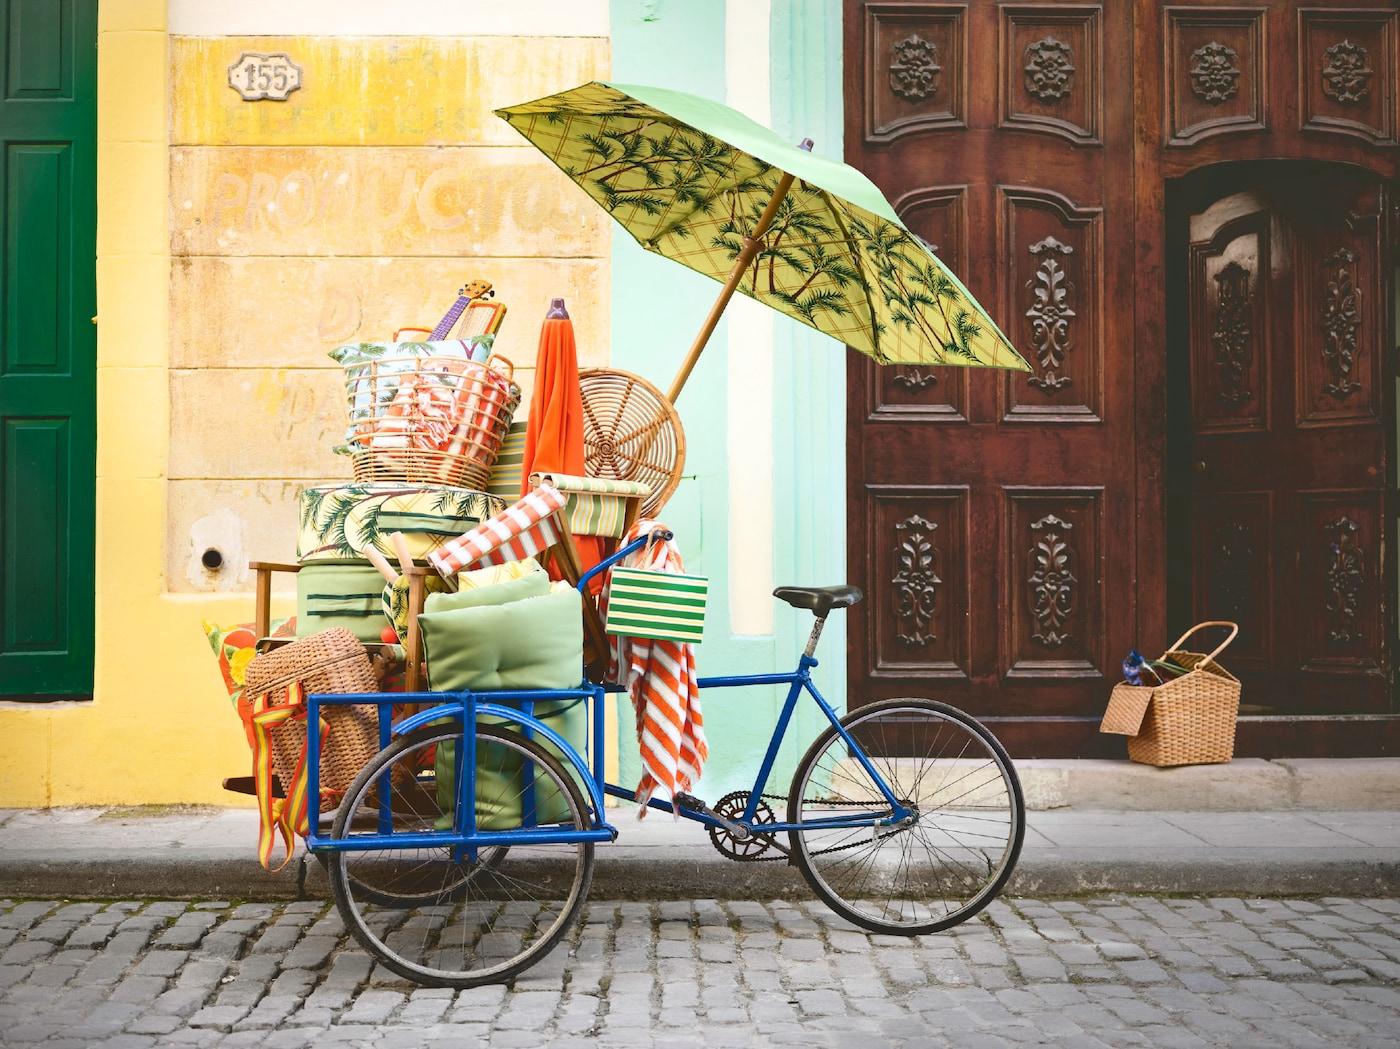 Bicicleta azul en una calle de adoquines con un montón de productos de estilo playero de la colección SOLBLEKT de IKEA.